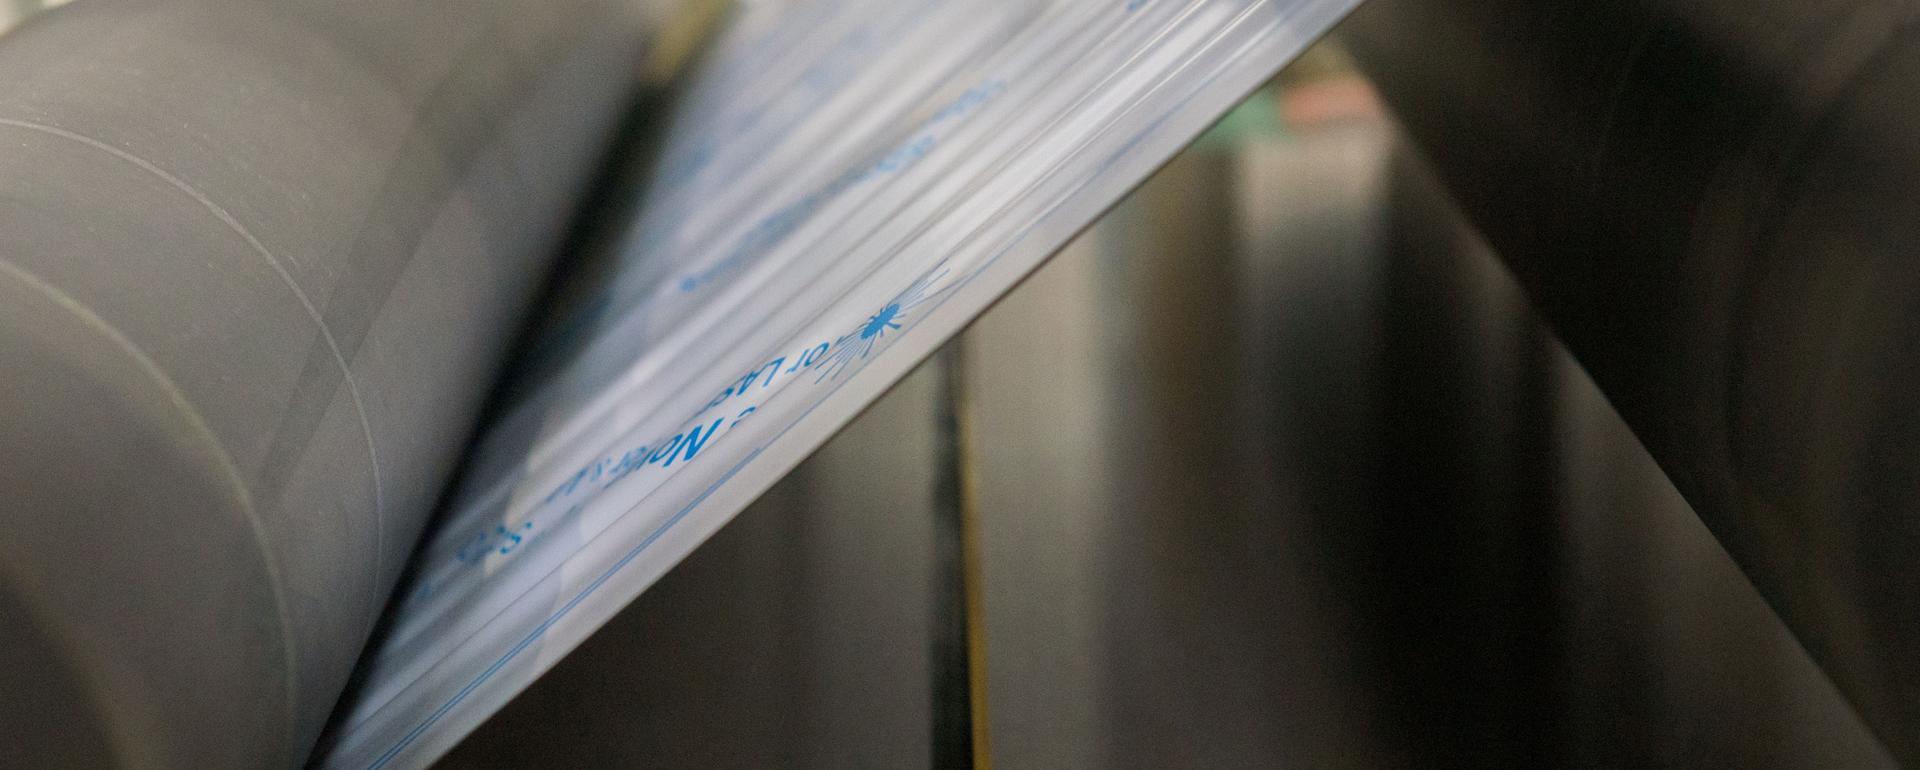 IMEAS – linia  do produkcji arkuszy ze stali nierdzewnej o ustalonej chropowatości / rodzaju szlifowanej lub szczotkowanej powierzchni